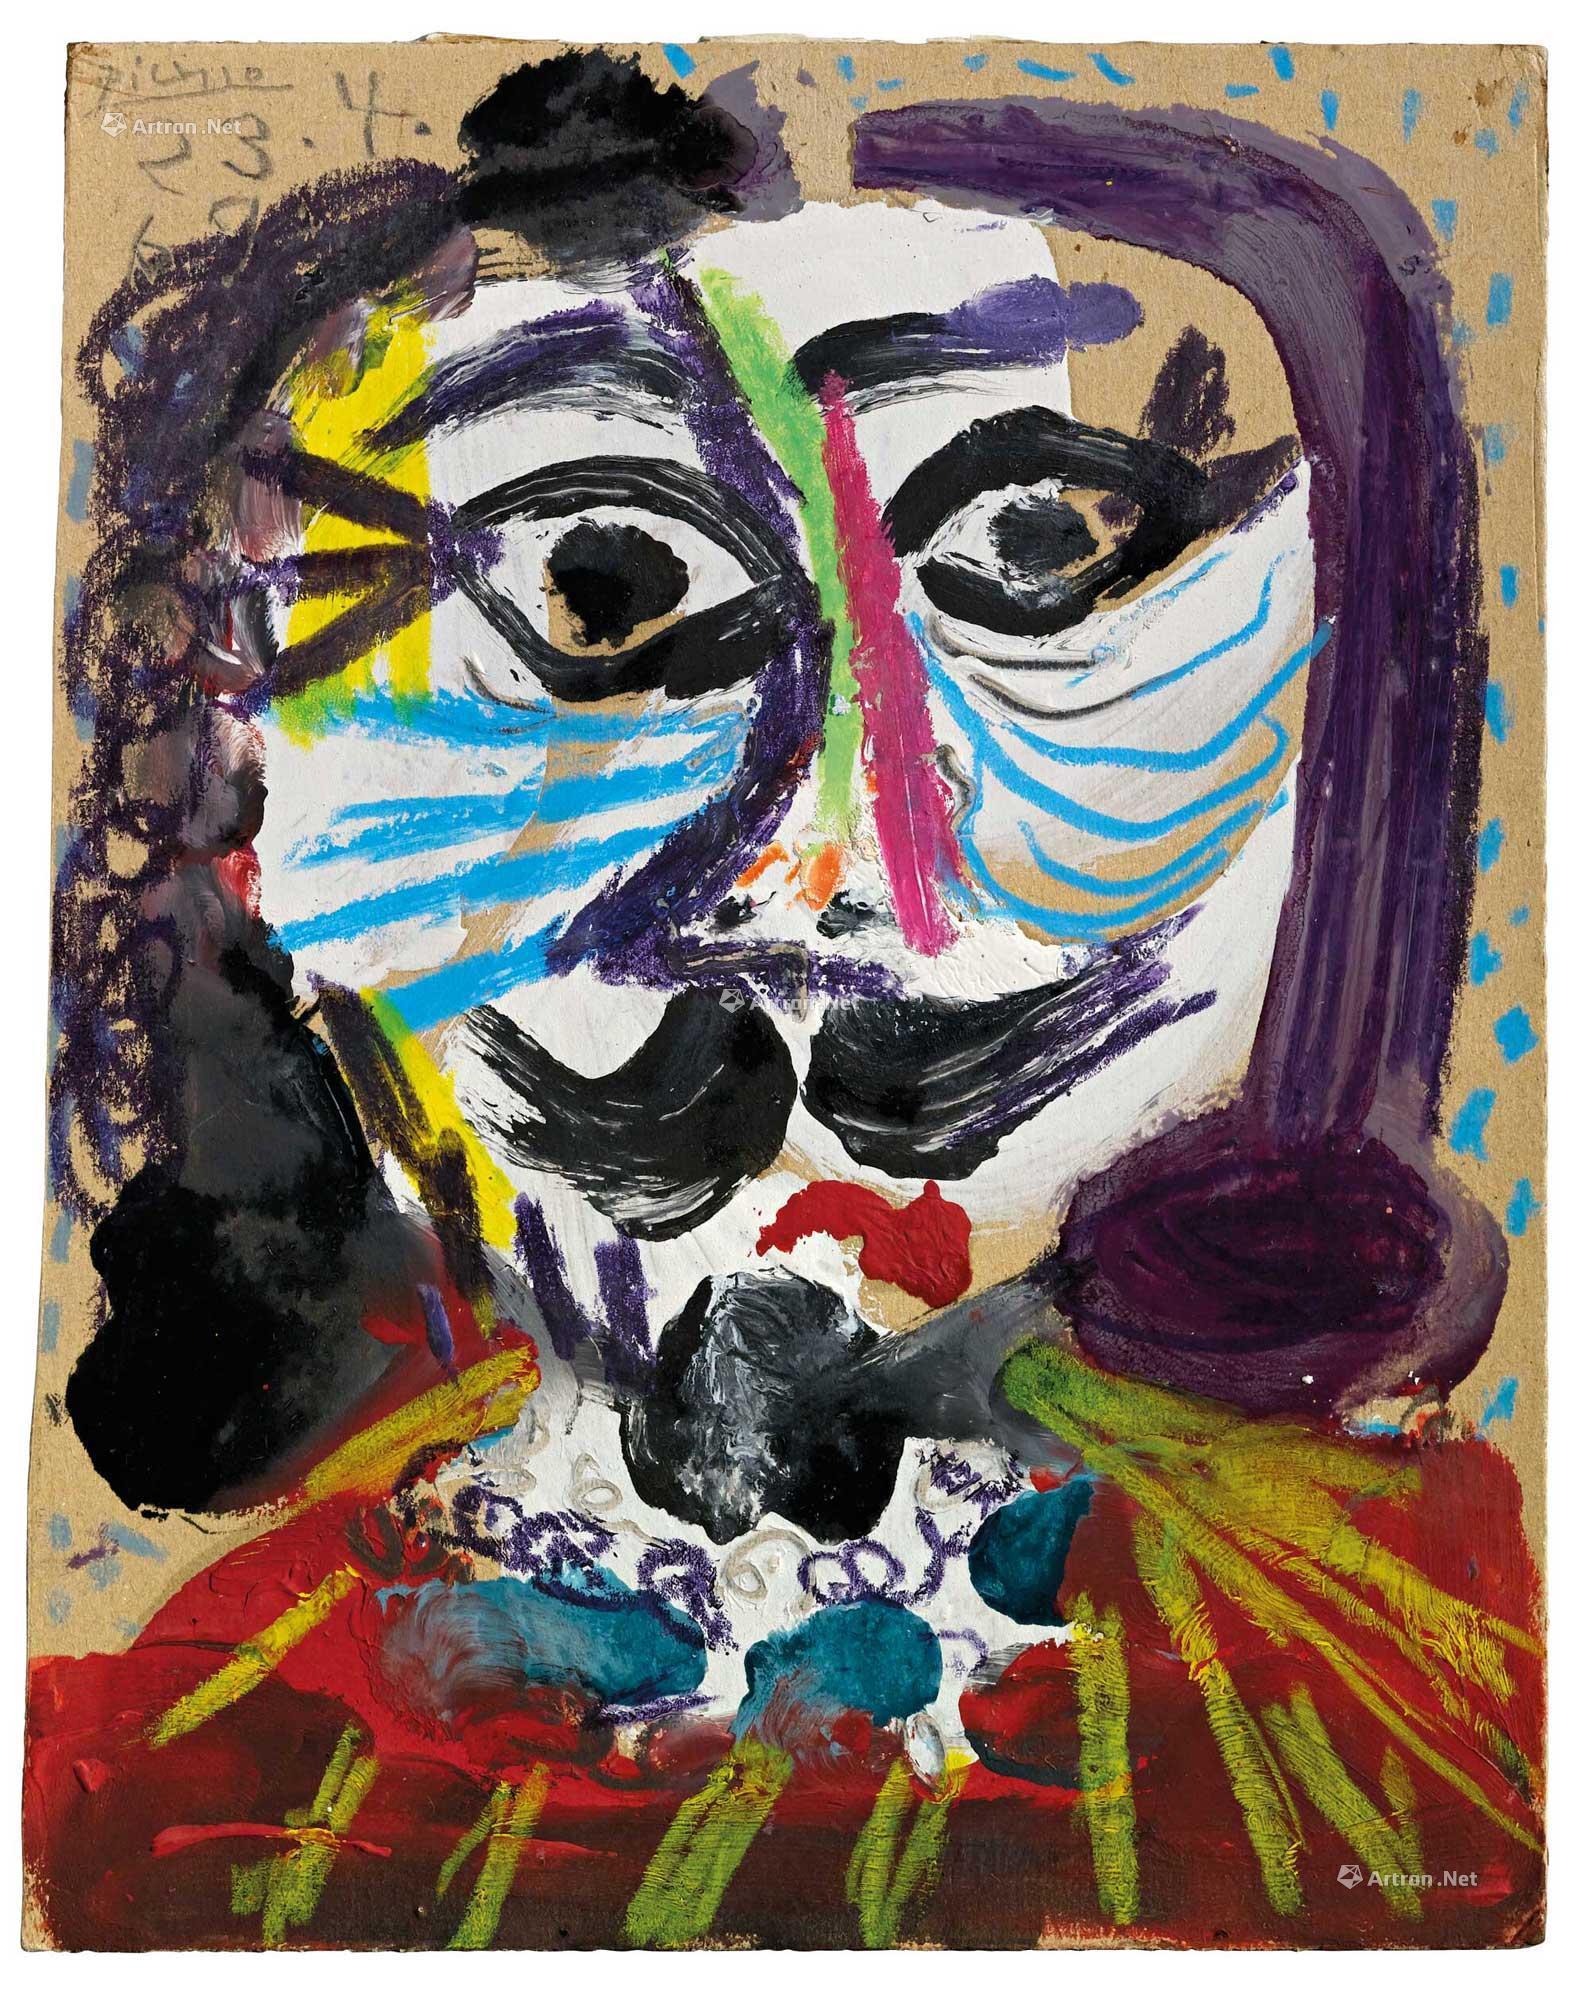 0214 1969年4月23日作 男人头像 油彩 粉彩 纸板